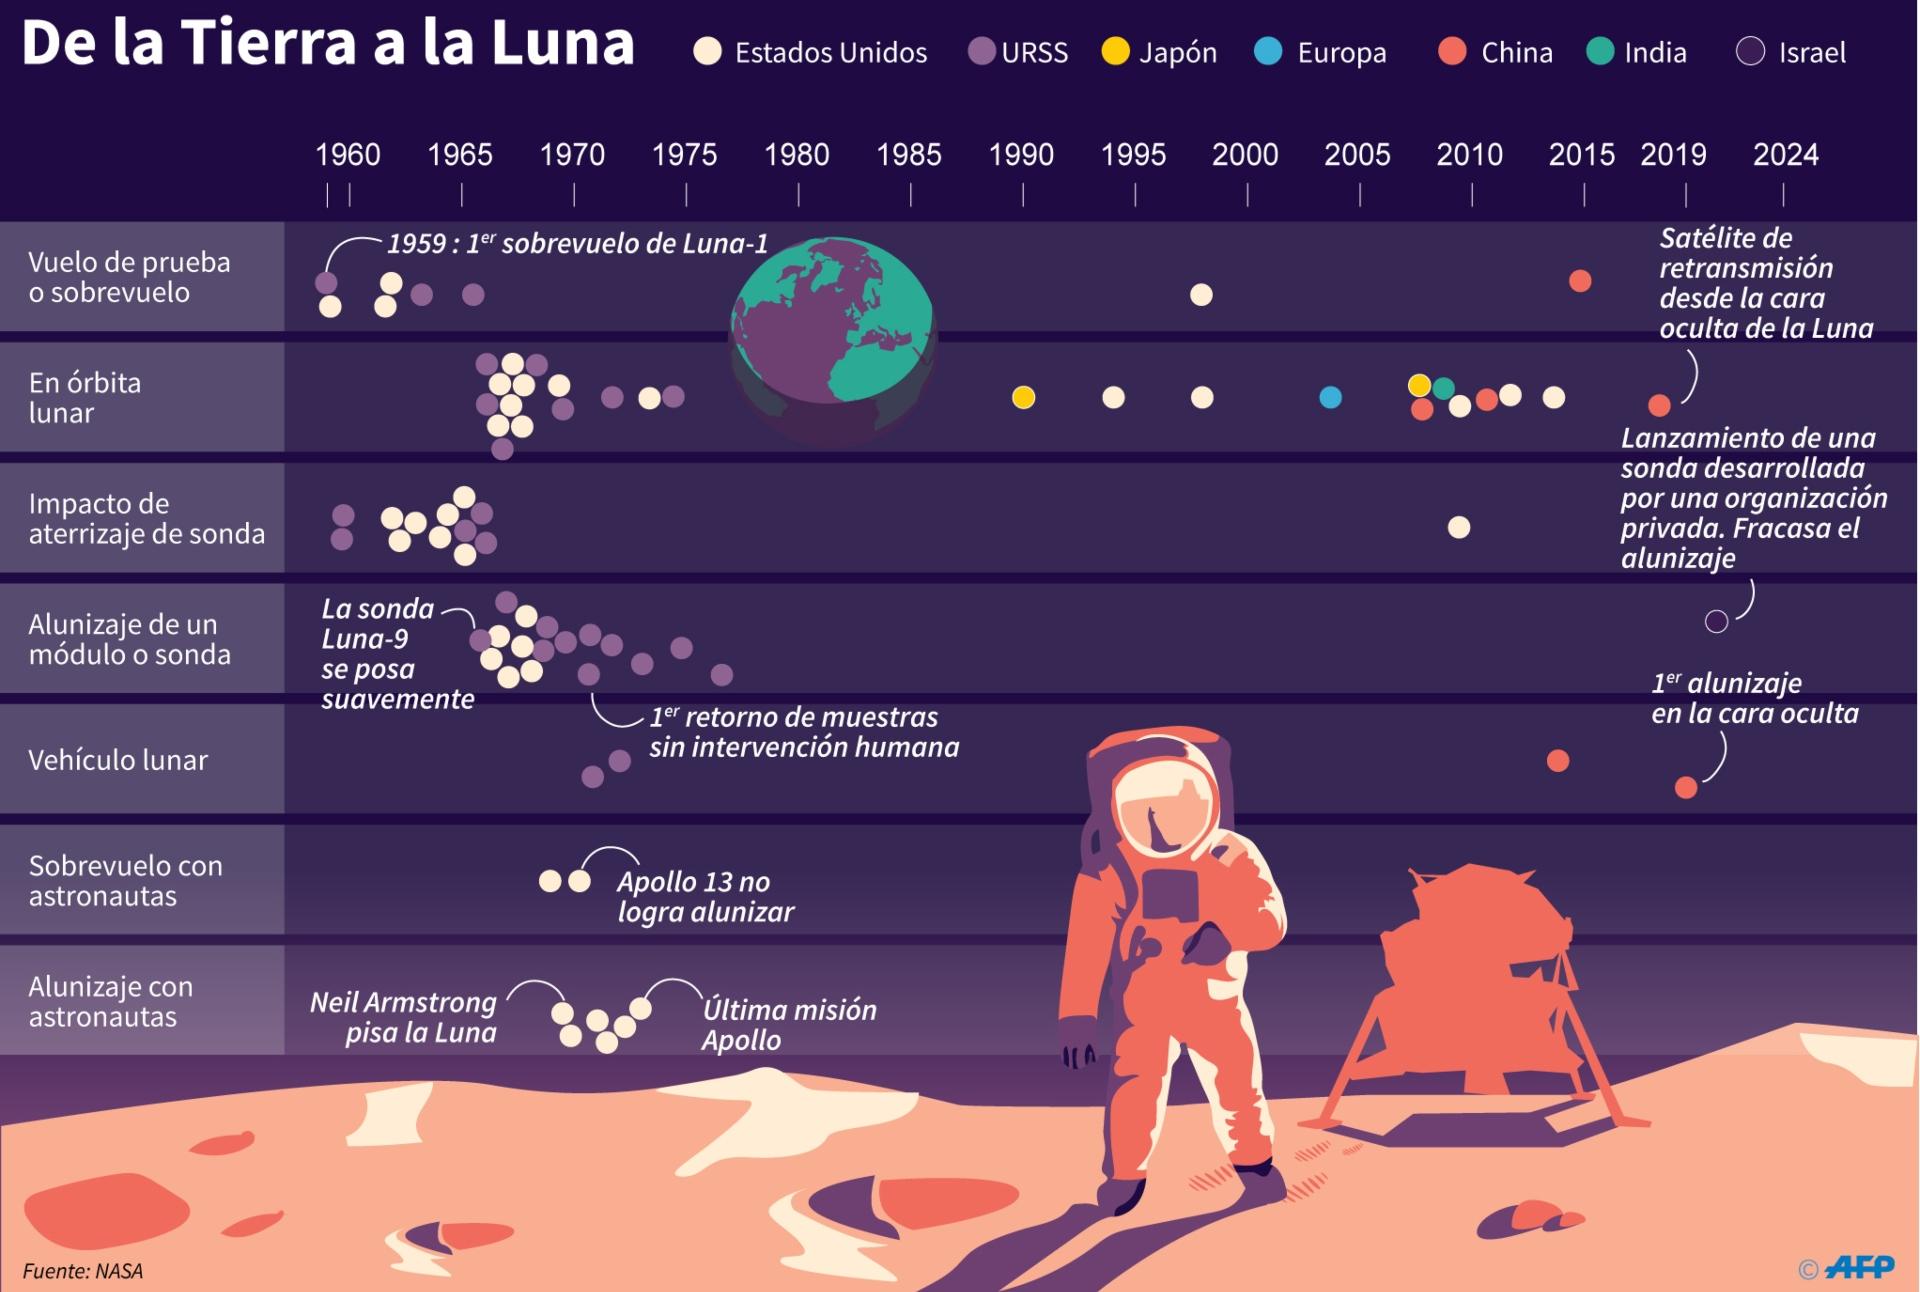 Infografía que muestra la carrera espacial iniciada desde 1960.